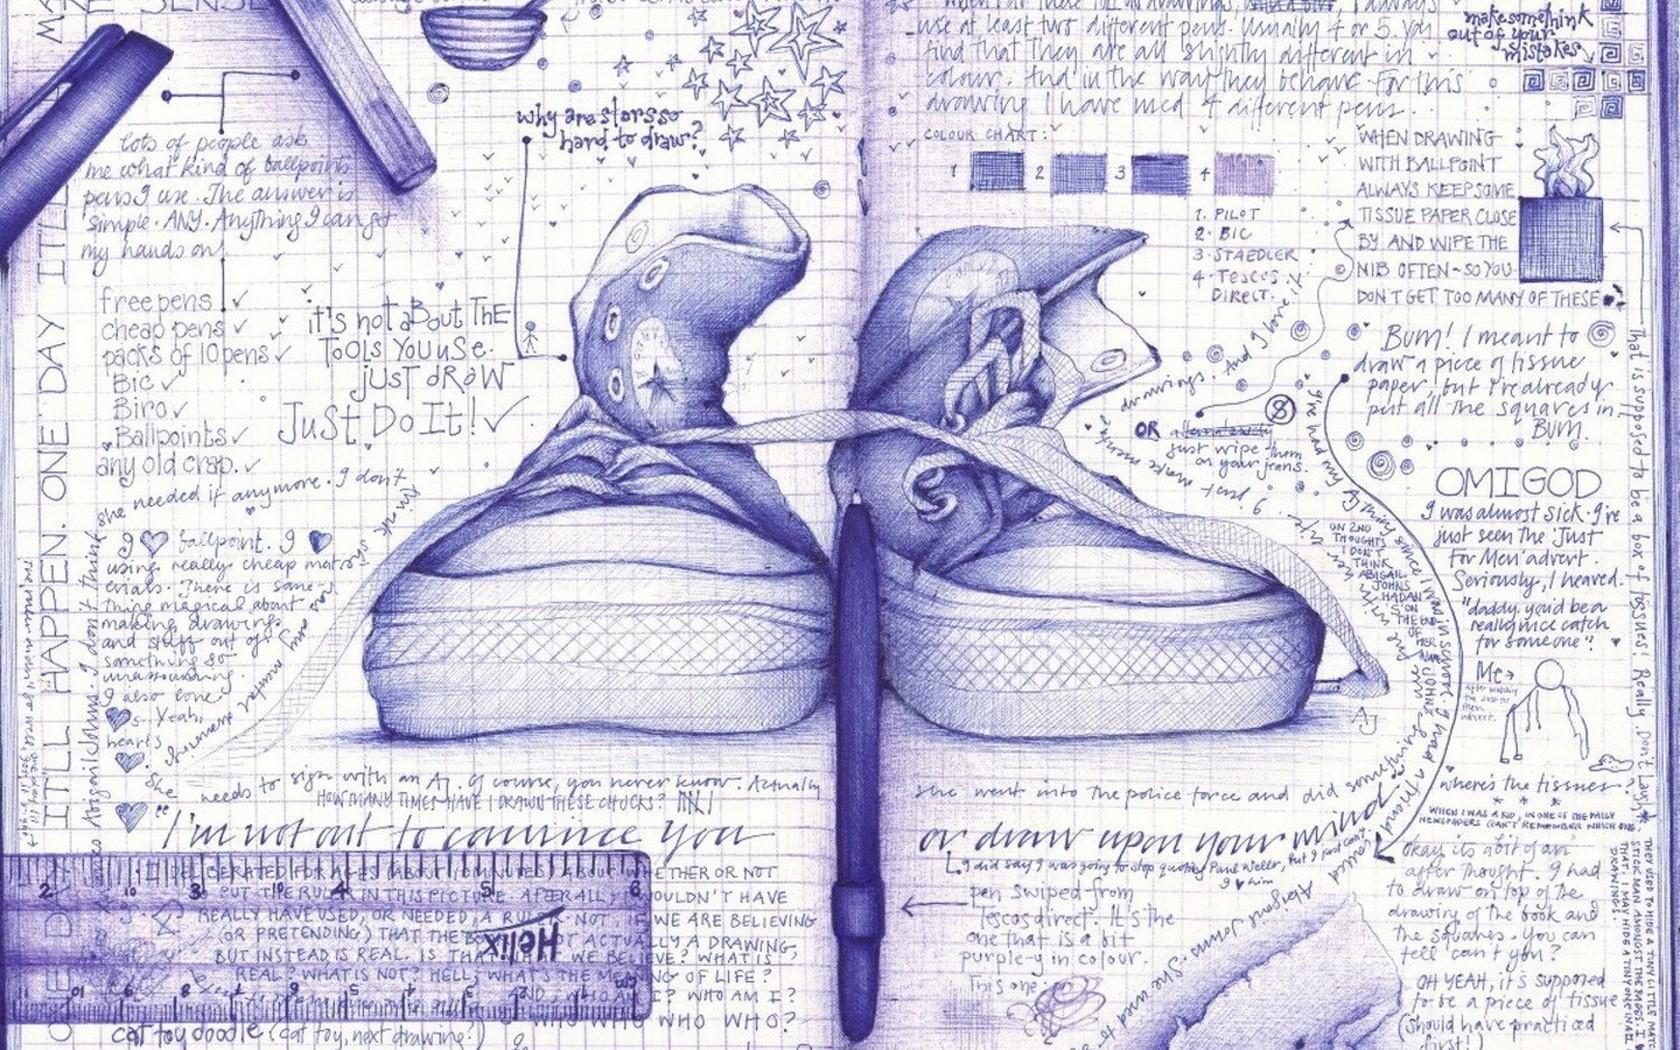 Drawn converse andrea joseph Andrea Free andrea background wallpaper